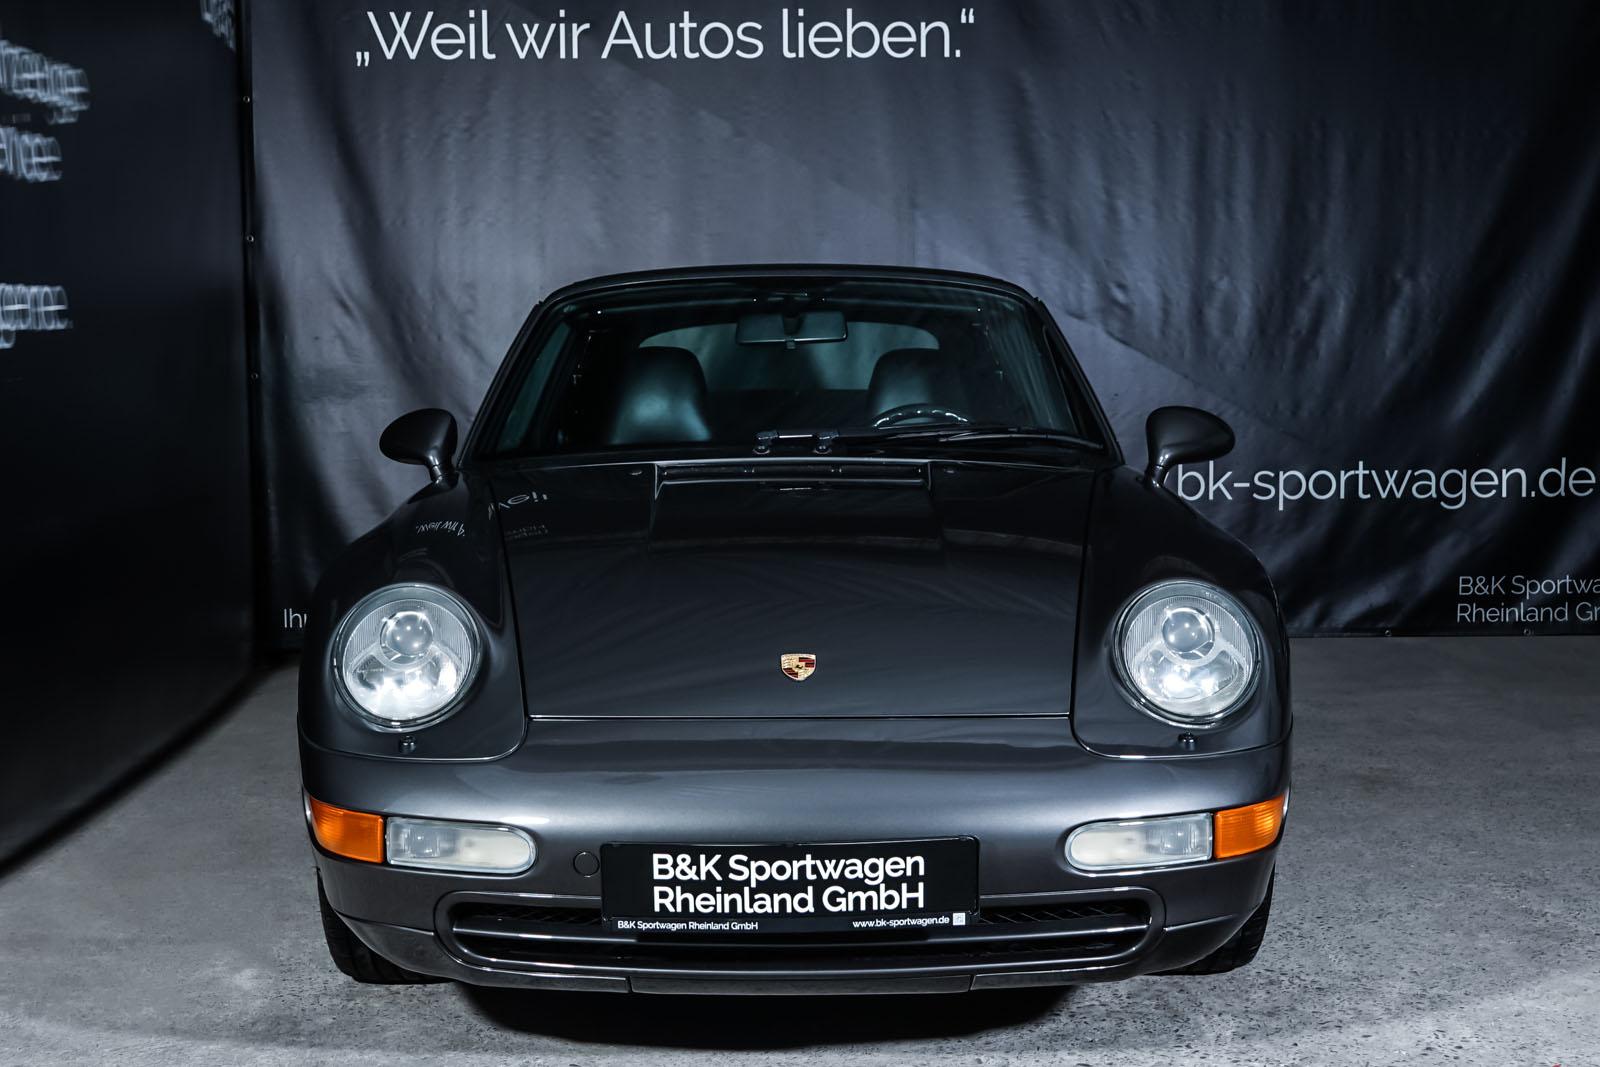 Porsche_993_Carrera_Cabrio_Grau_Schwarz_POR-2375_1_w